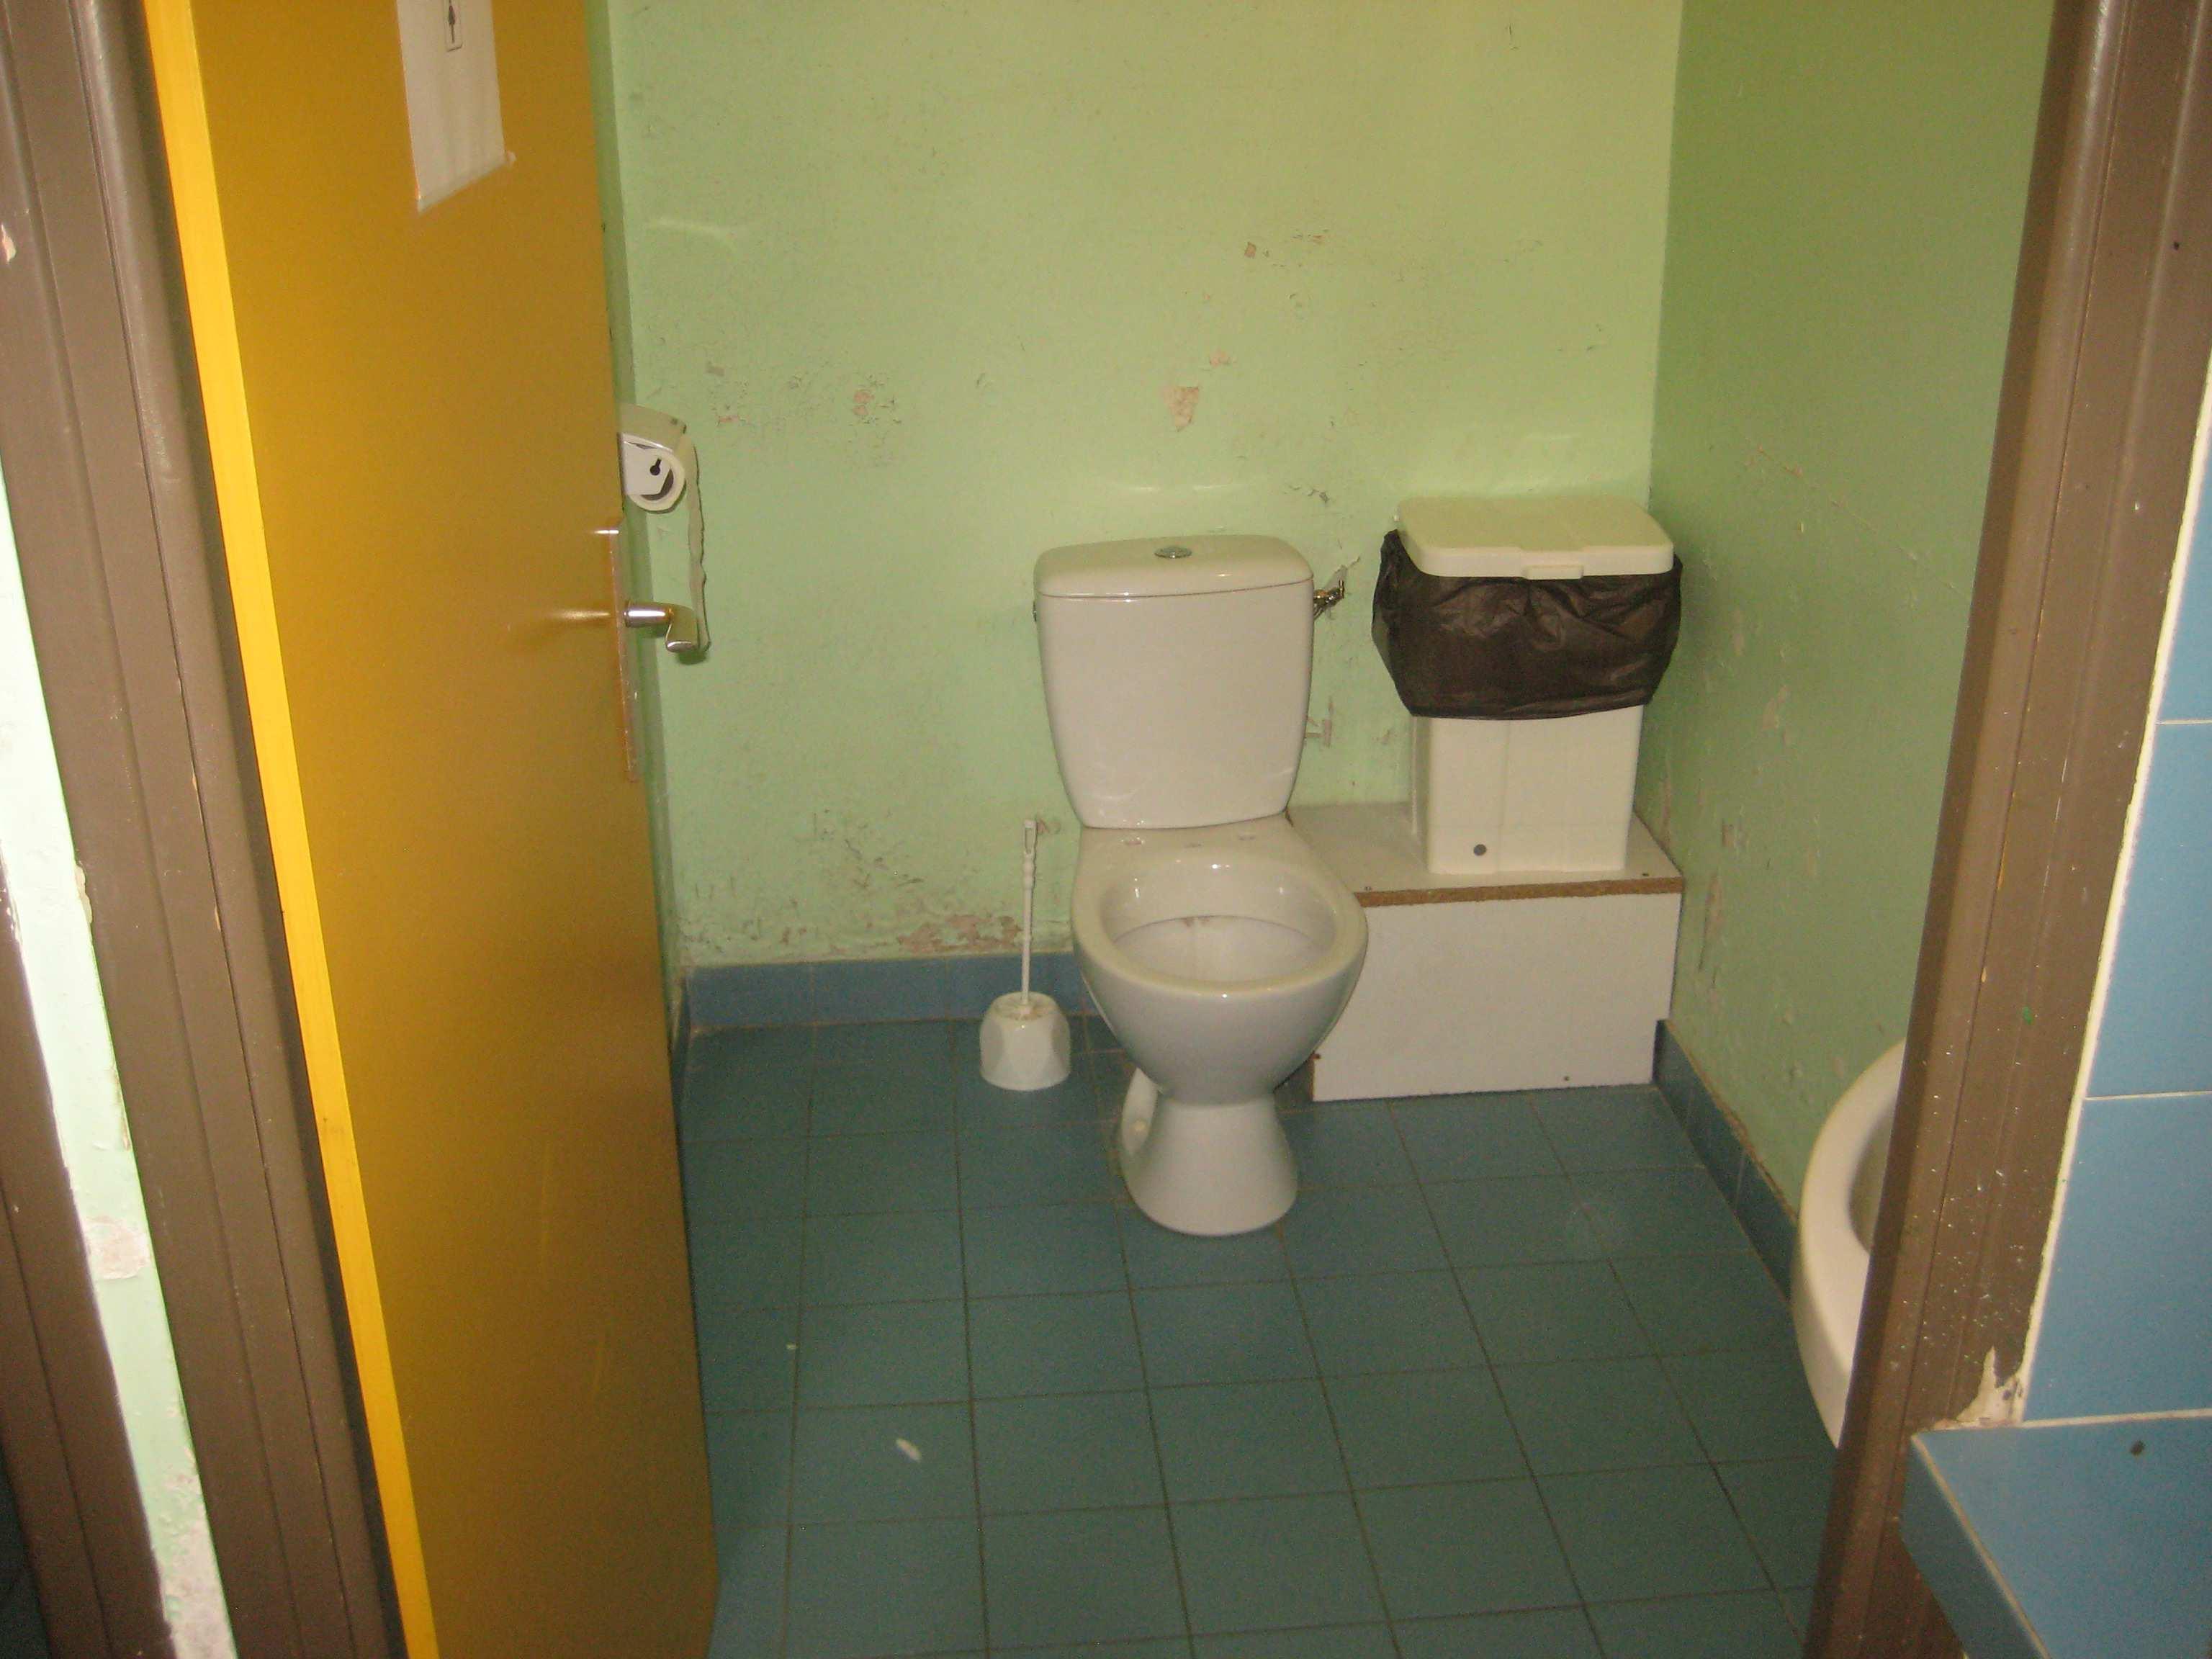 Rdc wc de la Maison des loisirs -1-